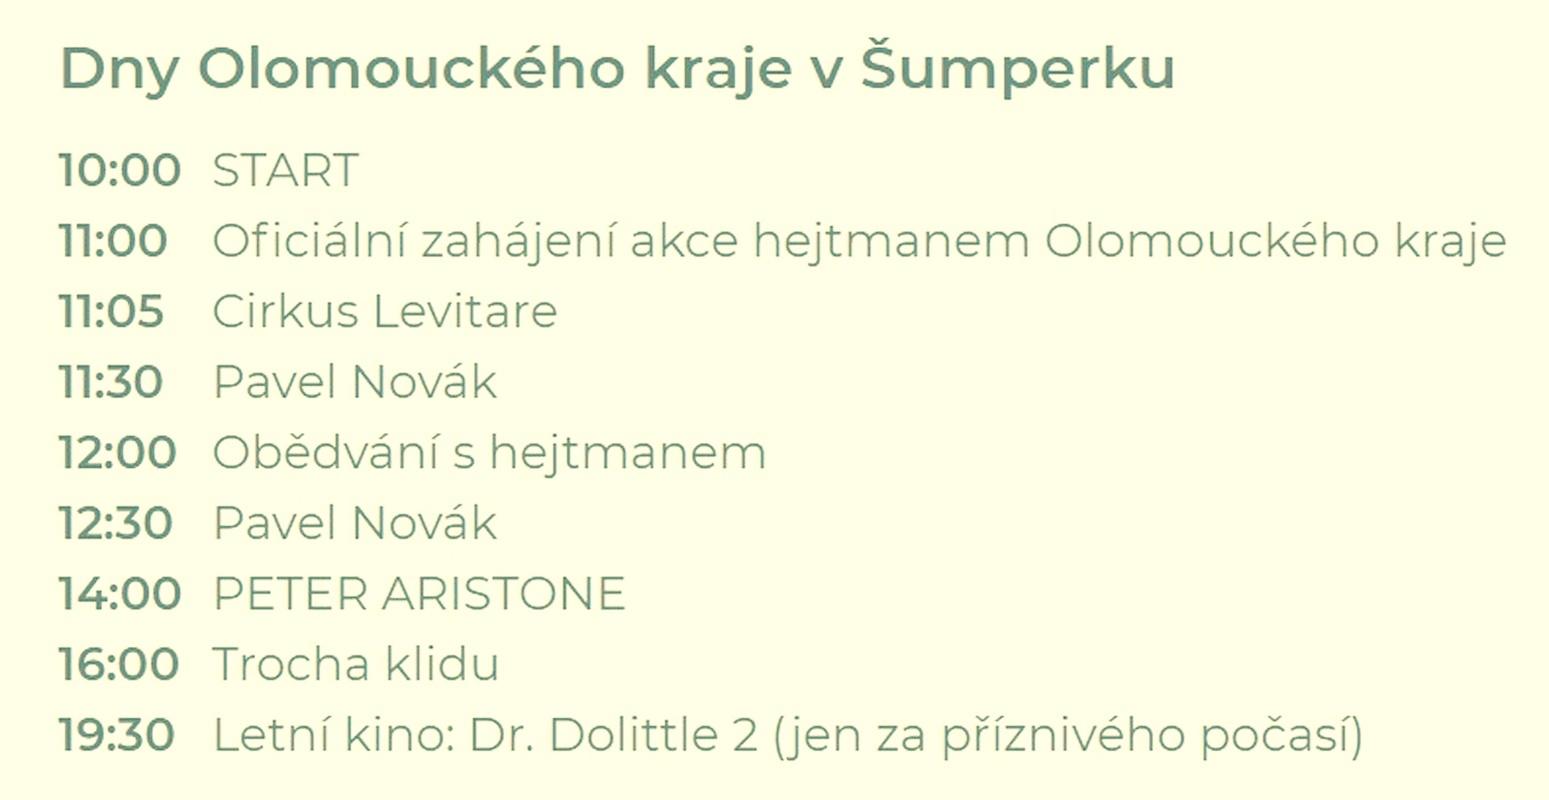 Dny OLK v Šumperku program zdroj foto: OLK